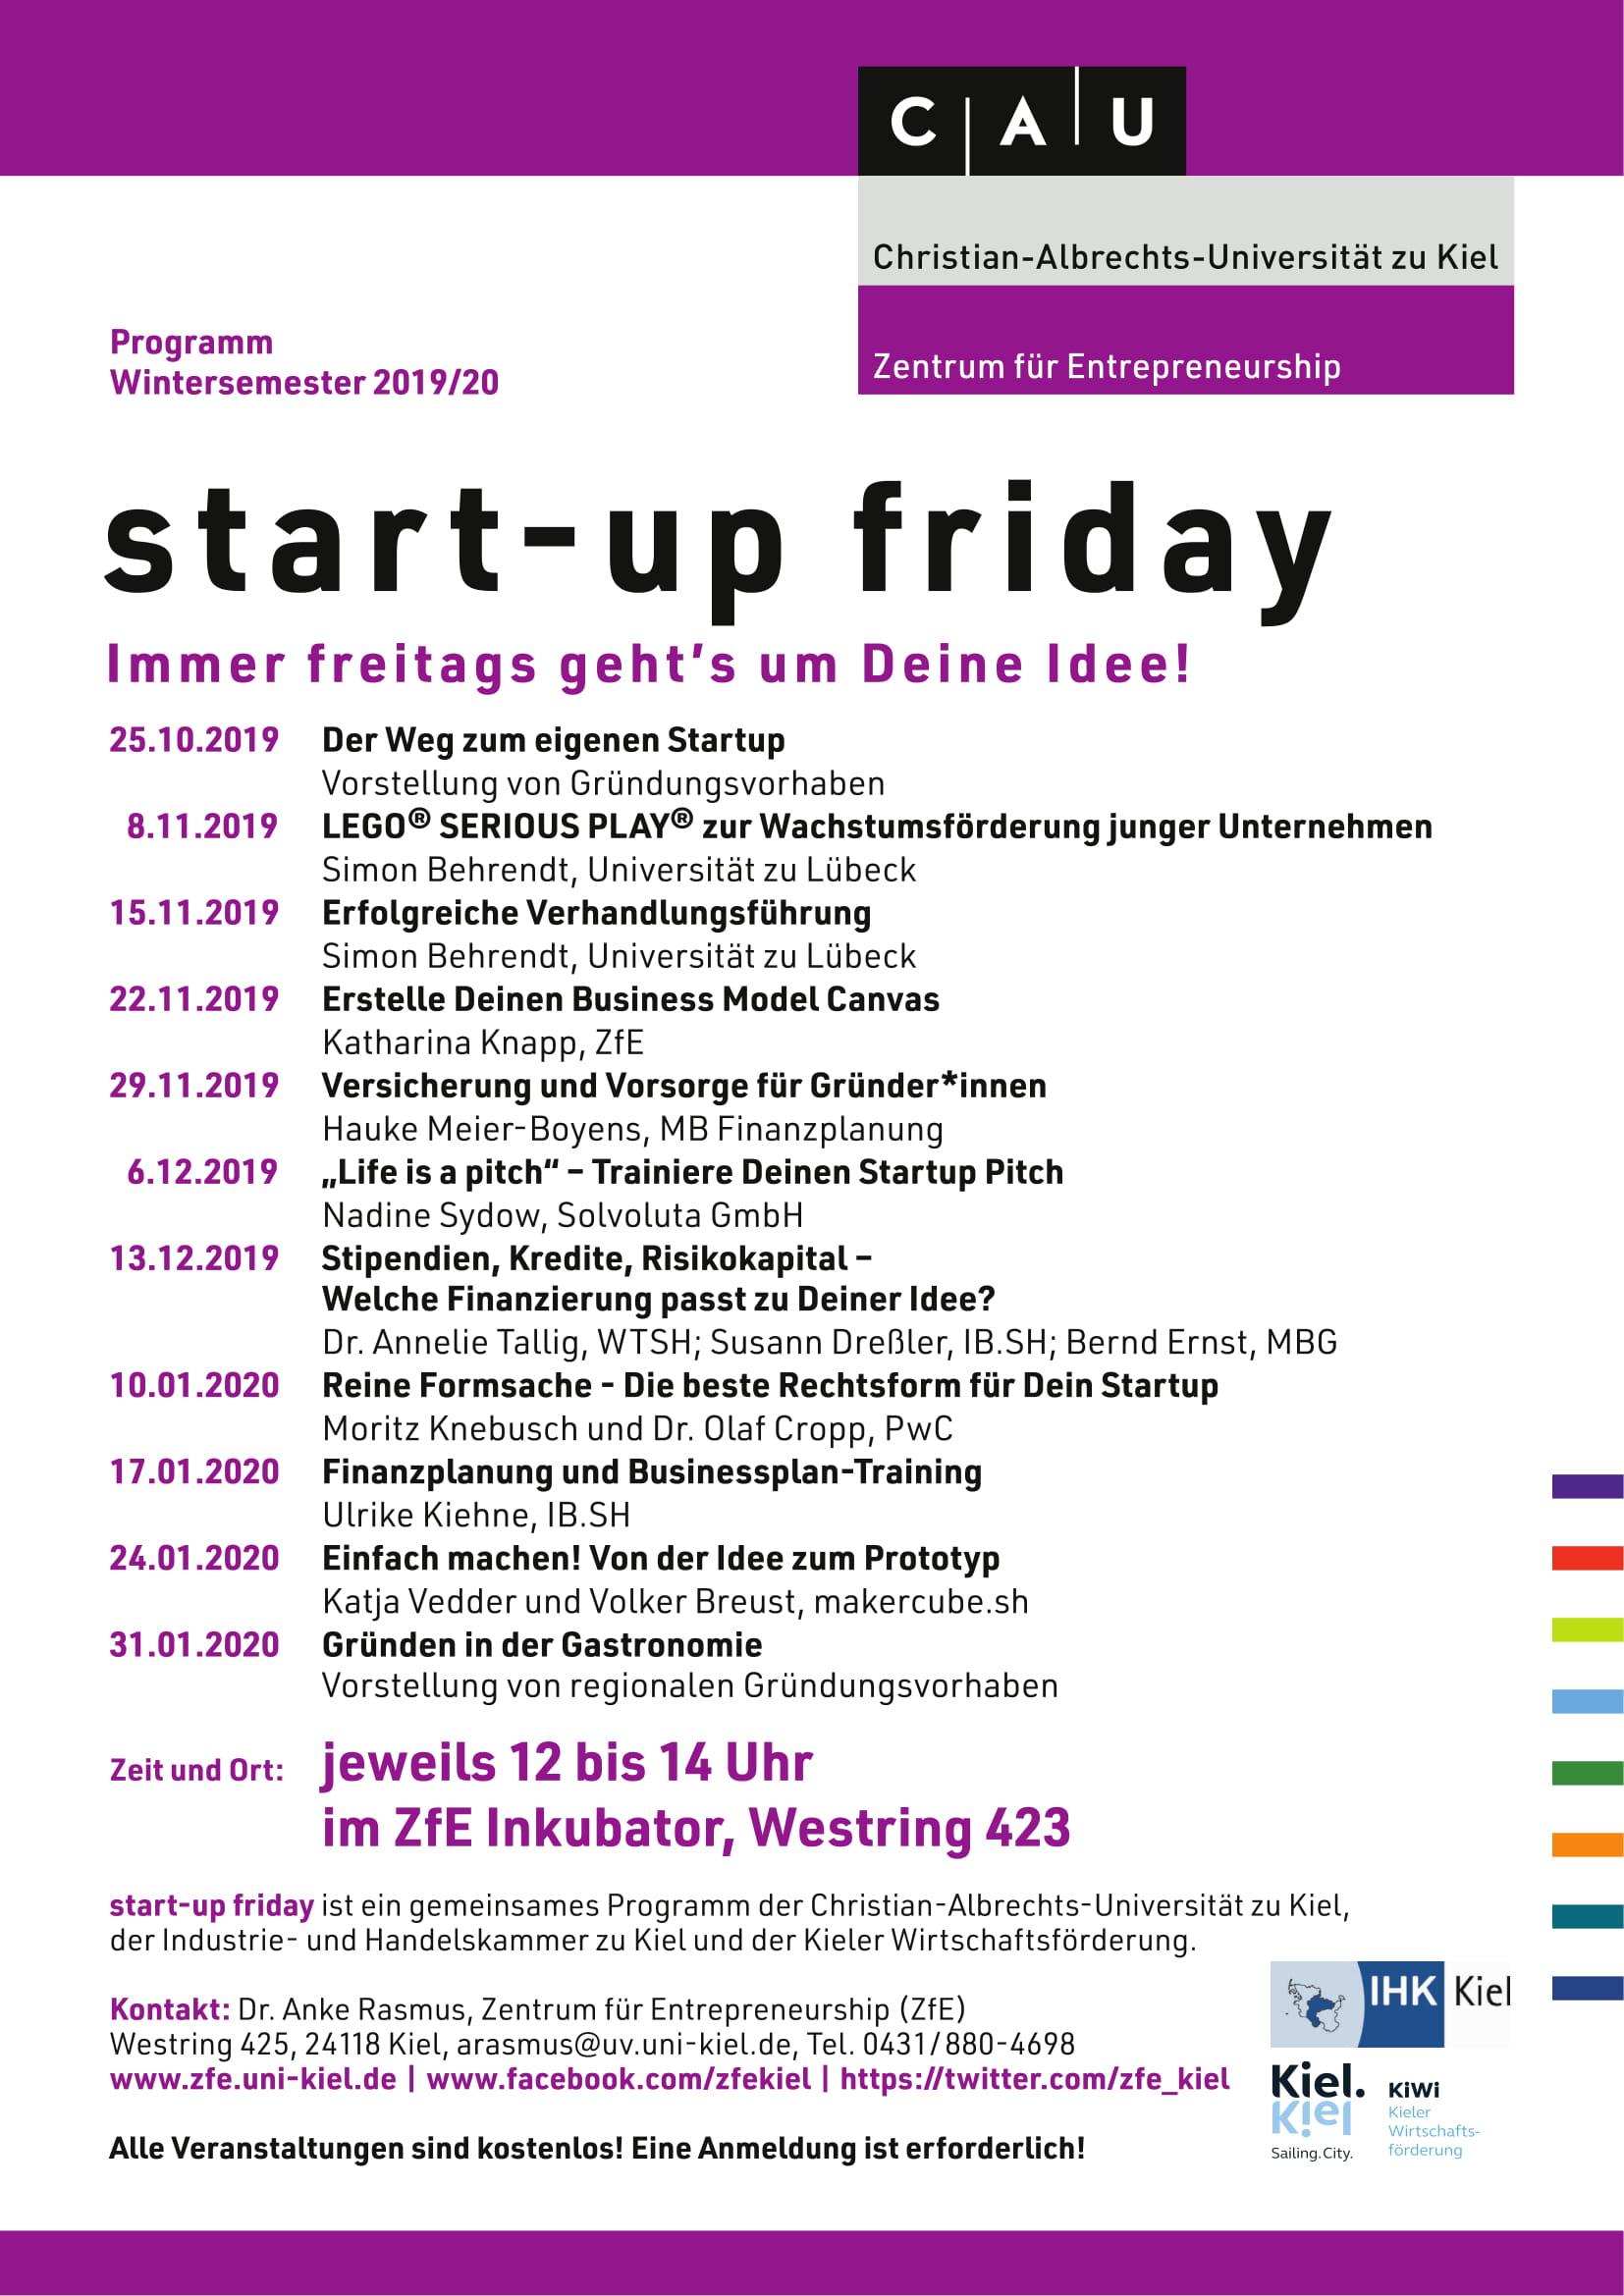 start-up friday Programm